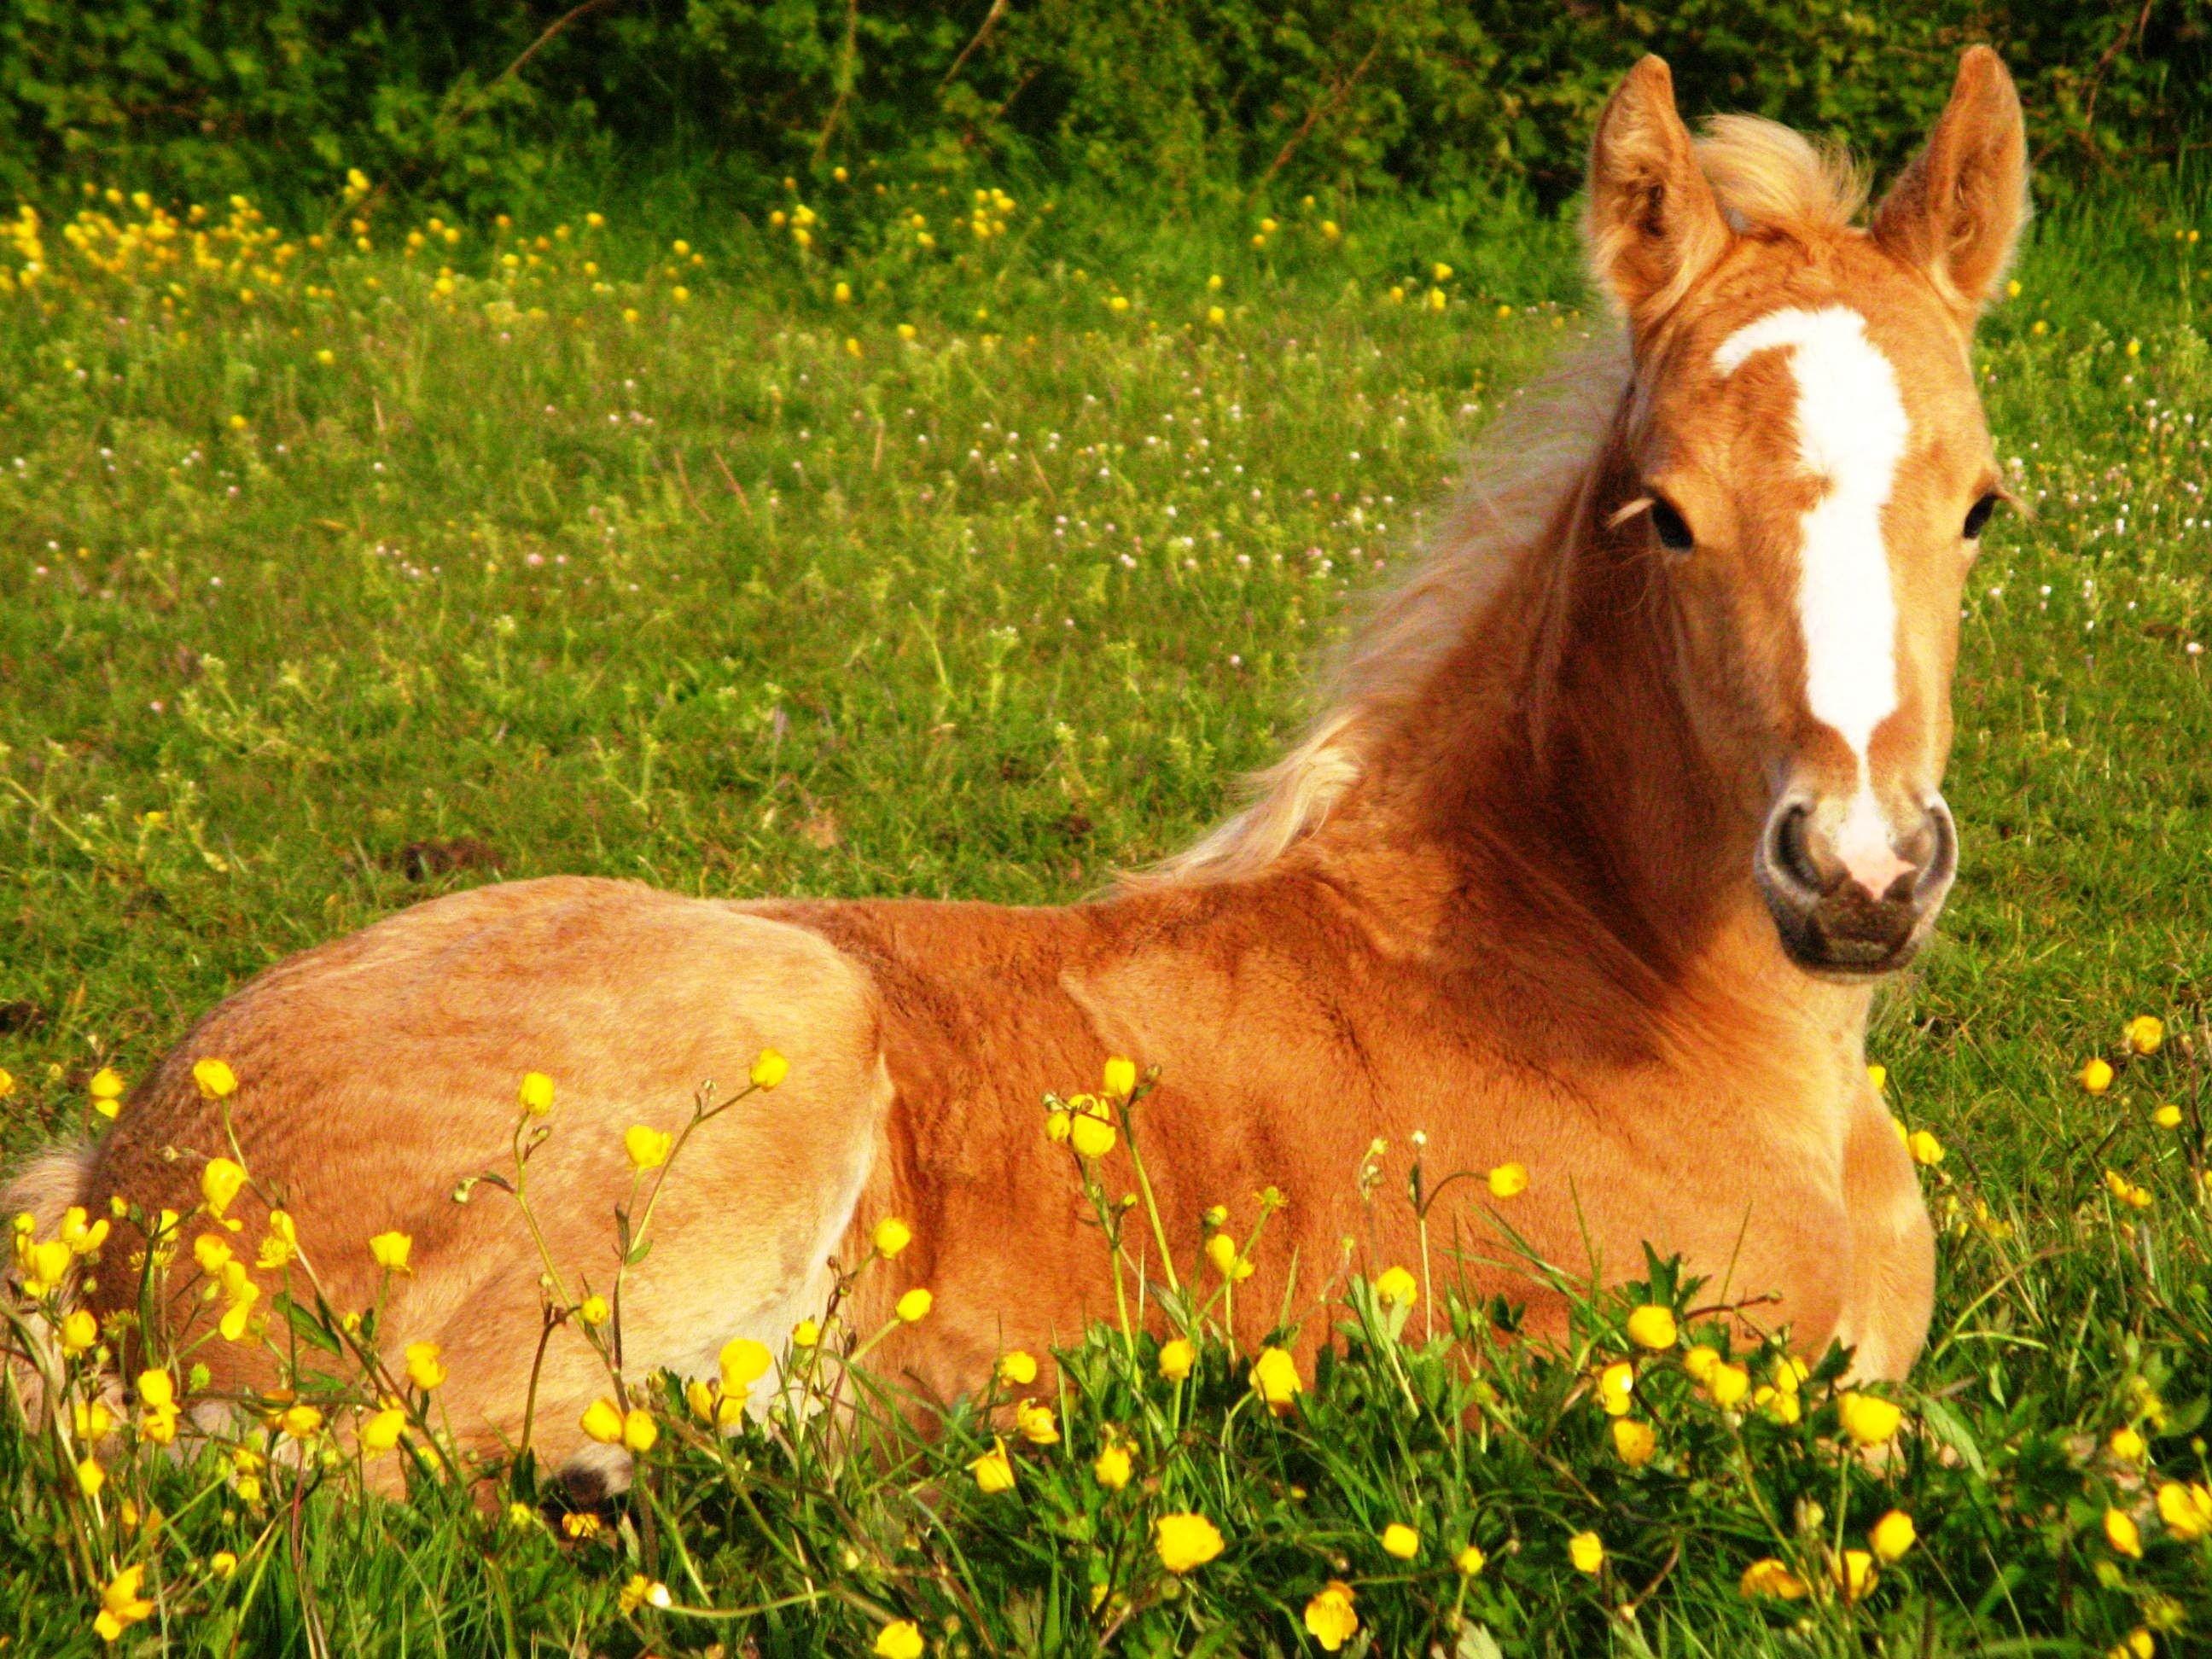 Res: 2592x1944, Cute Foals | Cute Horse Wallpapers - Wallpaper Cave